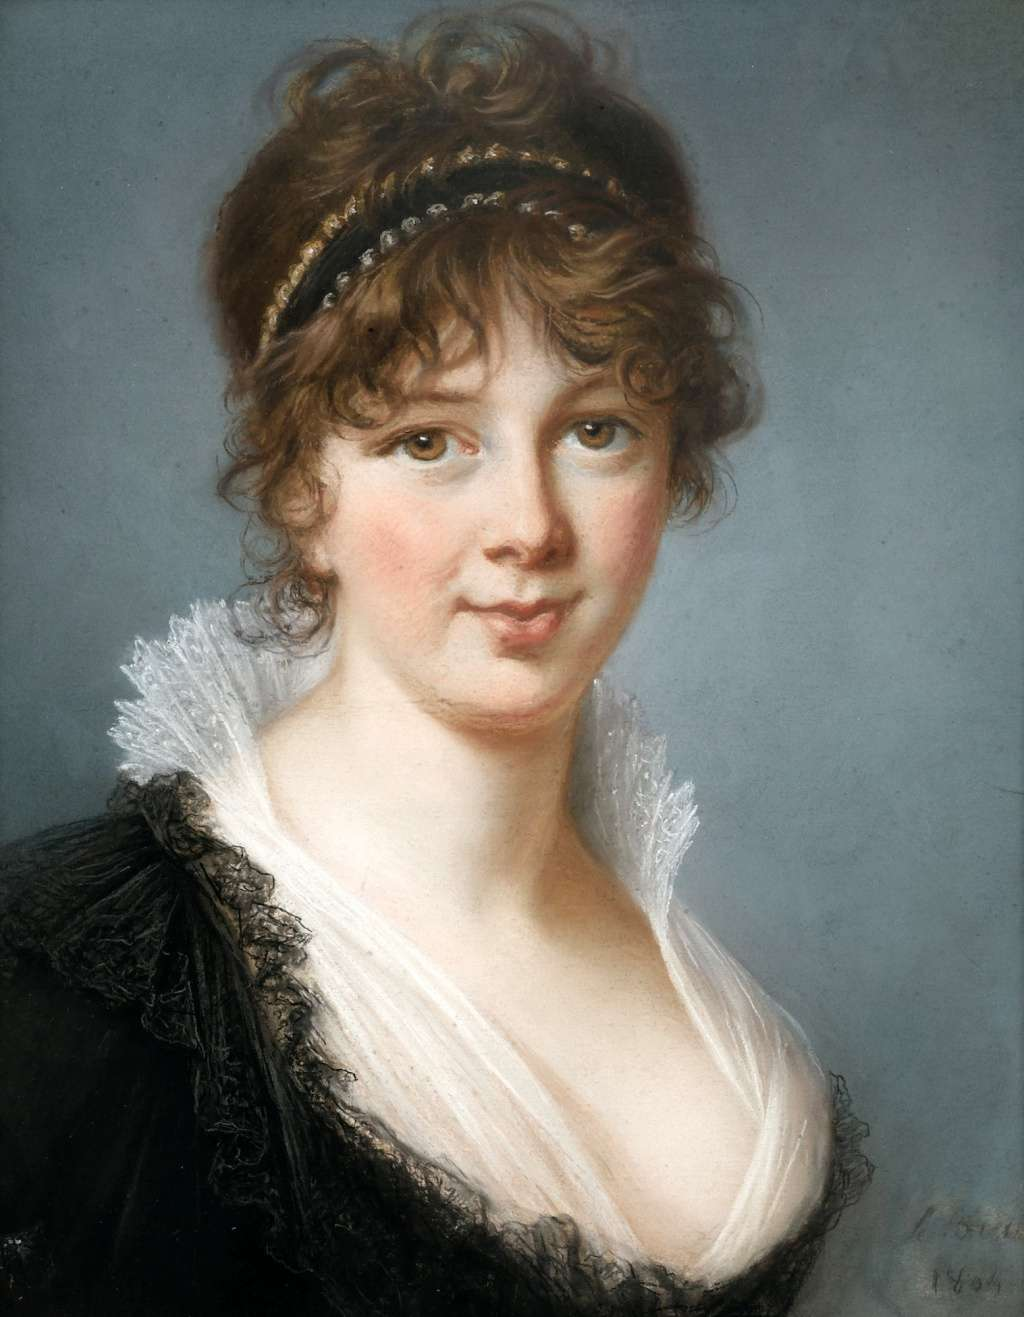 Galerie virtuelle des oeuvres de Mme Vigée Le Brun - Page 9 Ladyja10